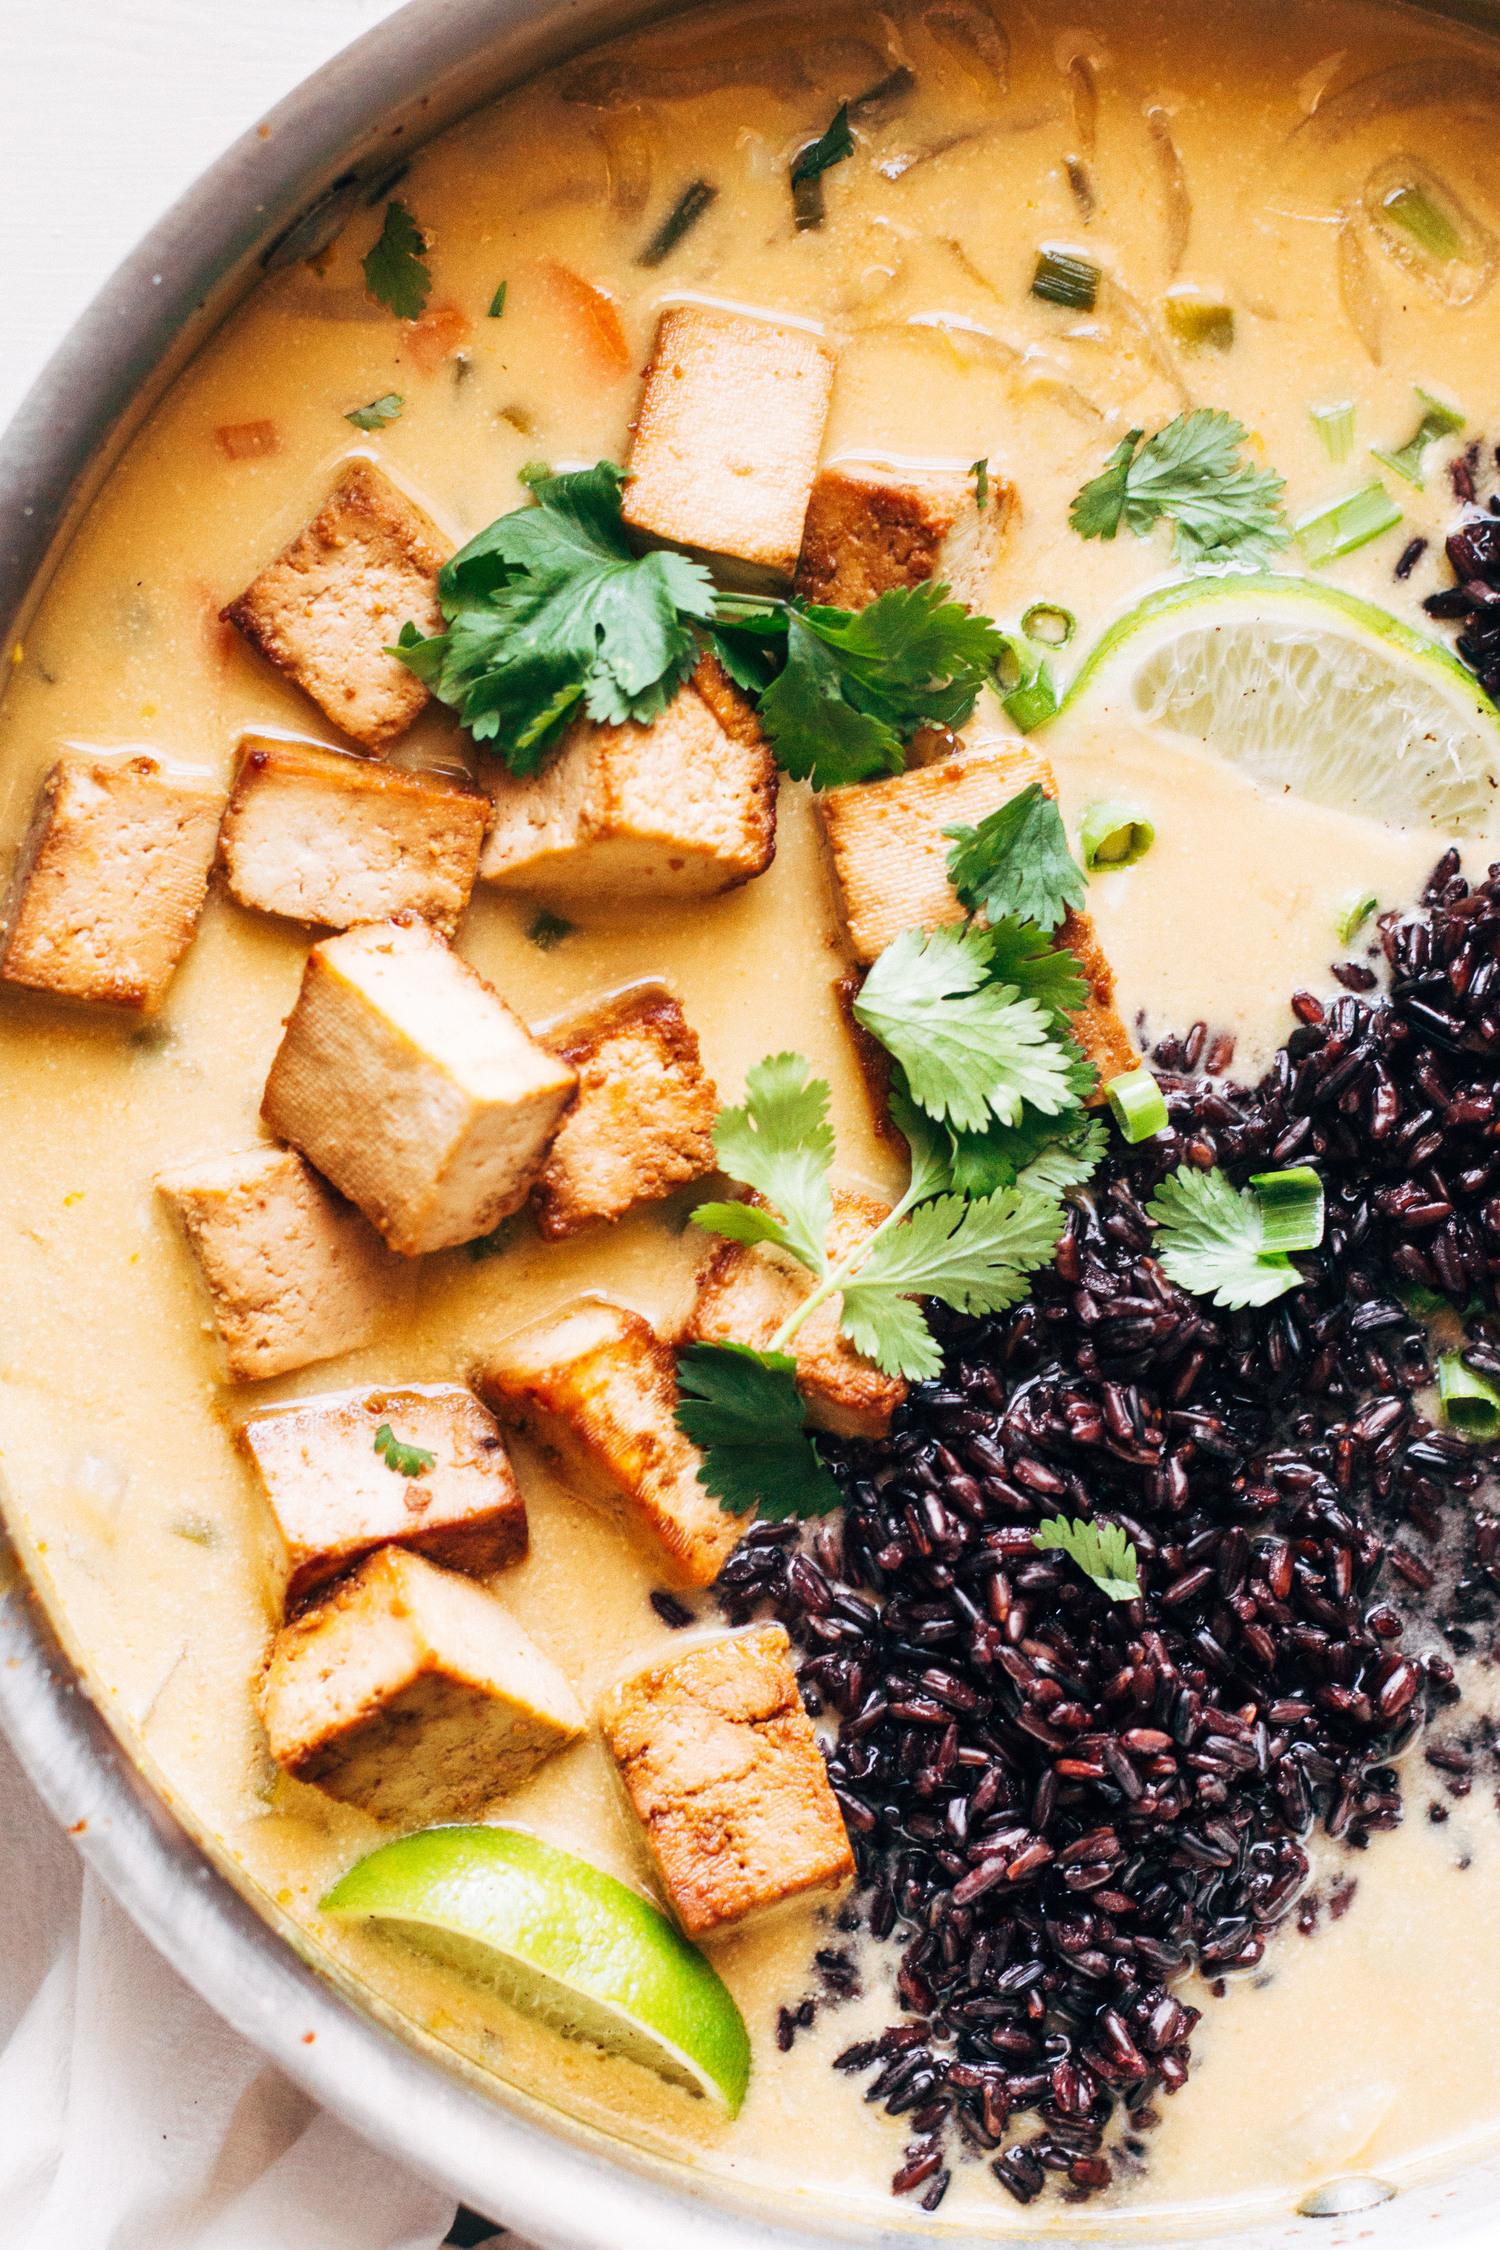 ginger-lemongrass-thai-vegan-soup-pop-shop-america